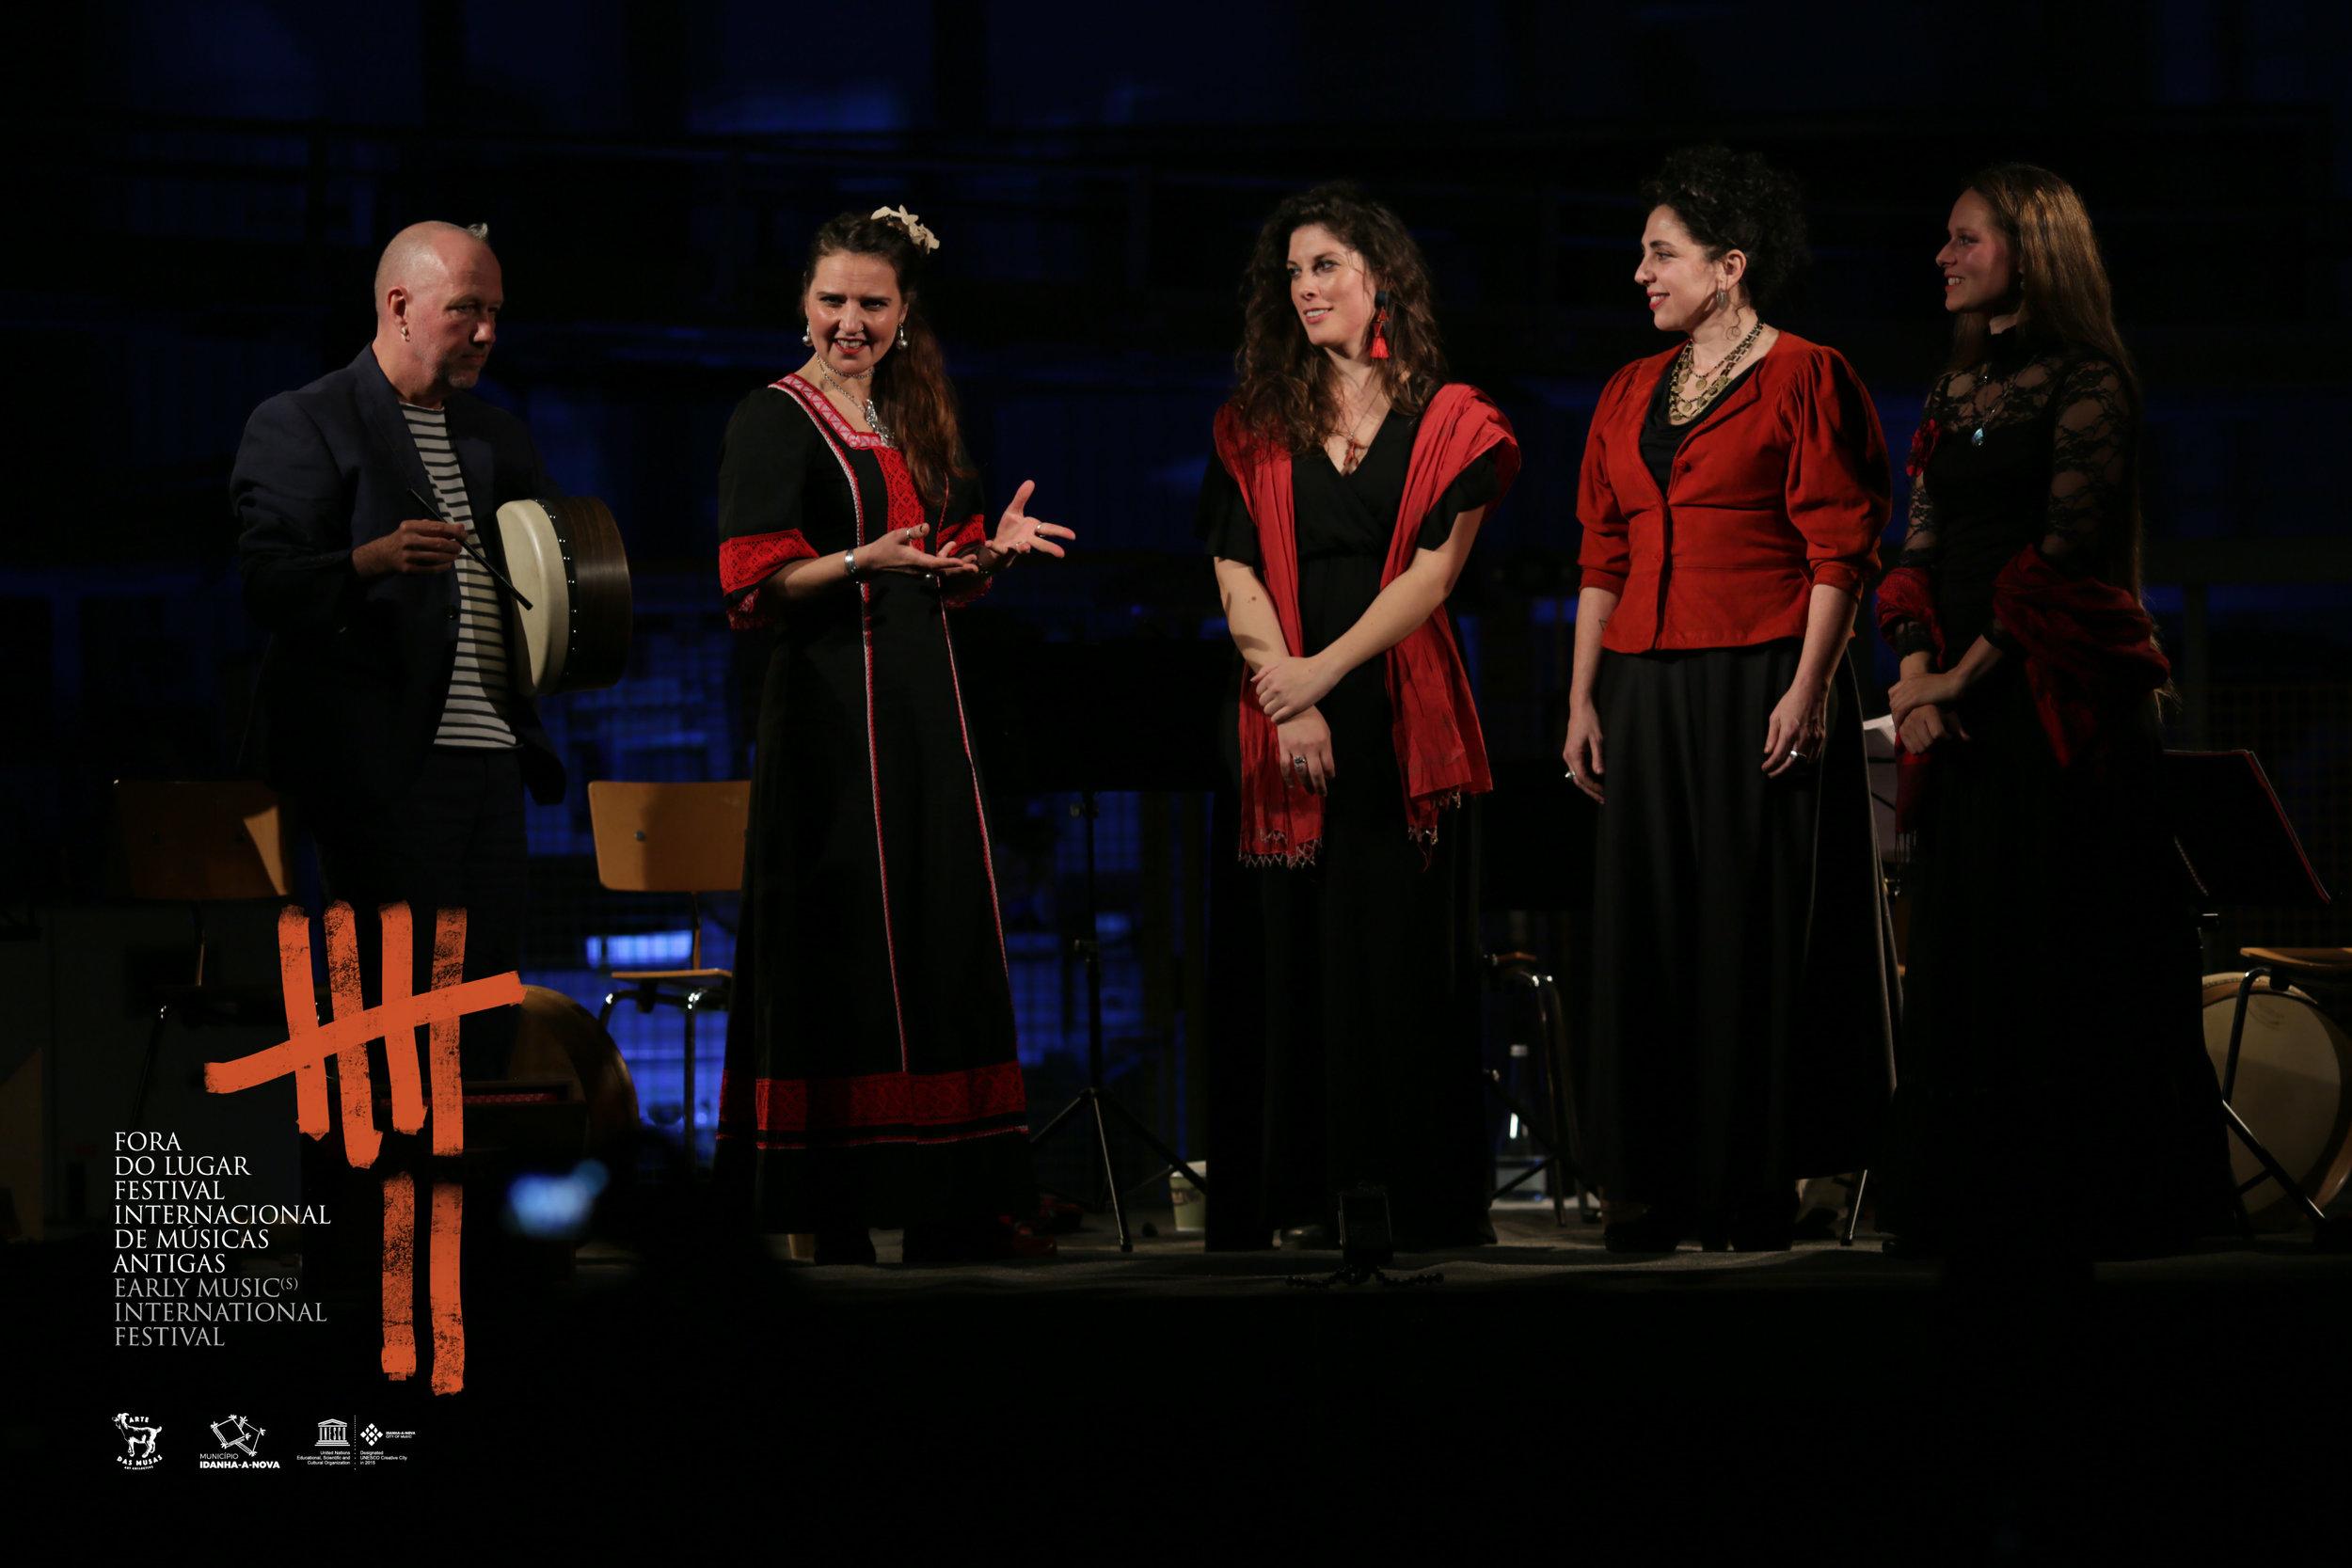 7 Festival Fora do Lugar 2018  -8676.jpg